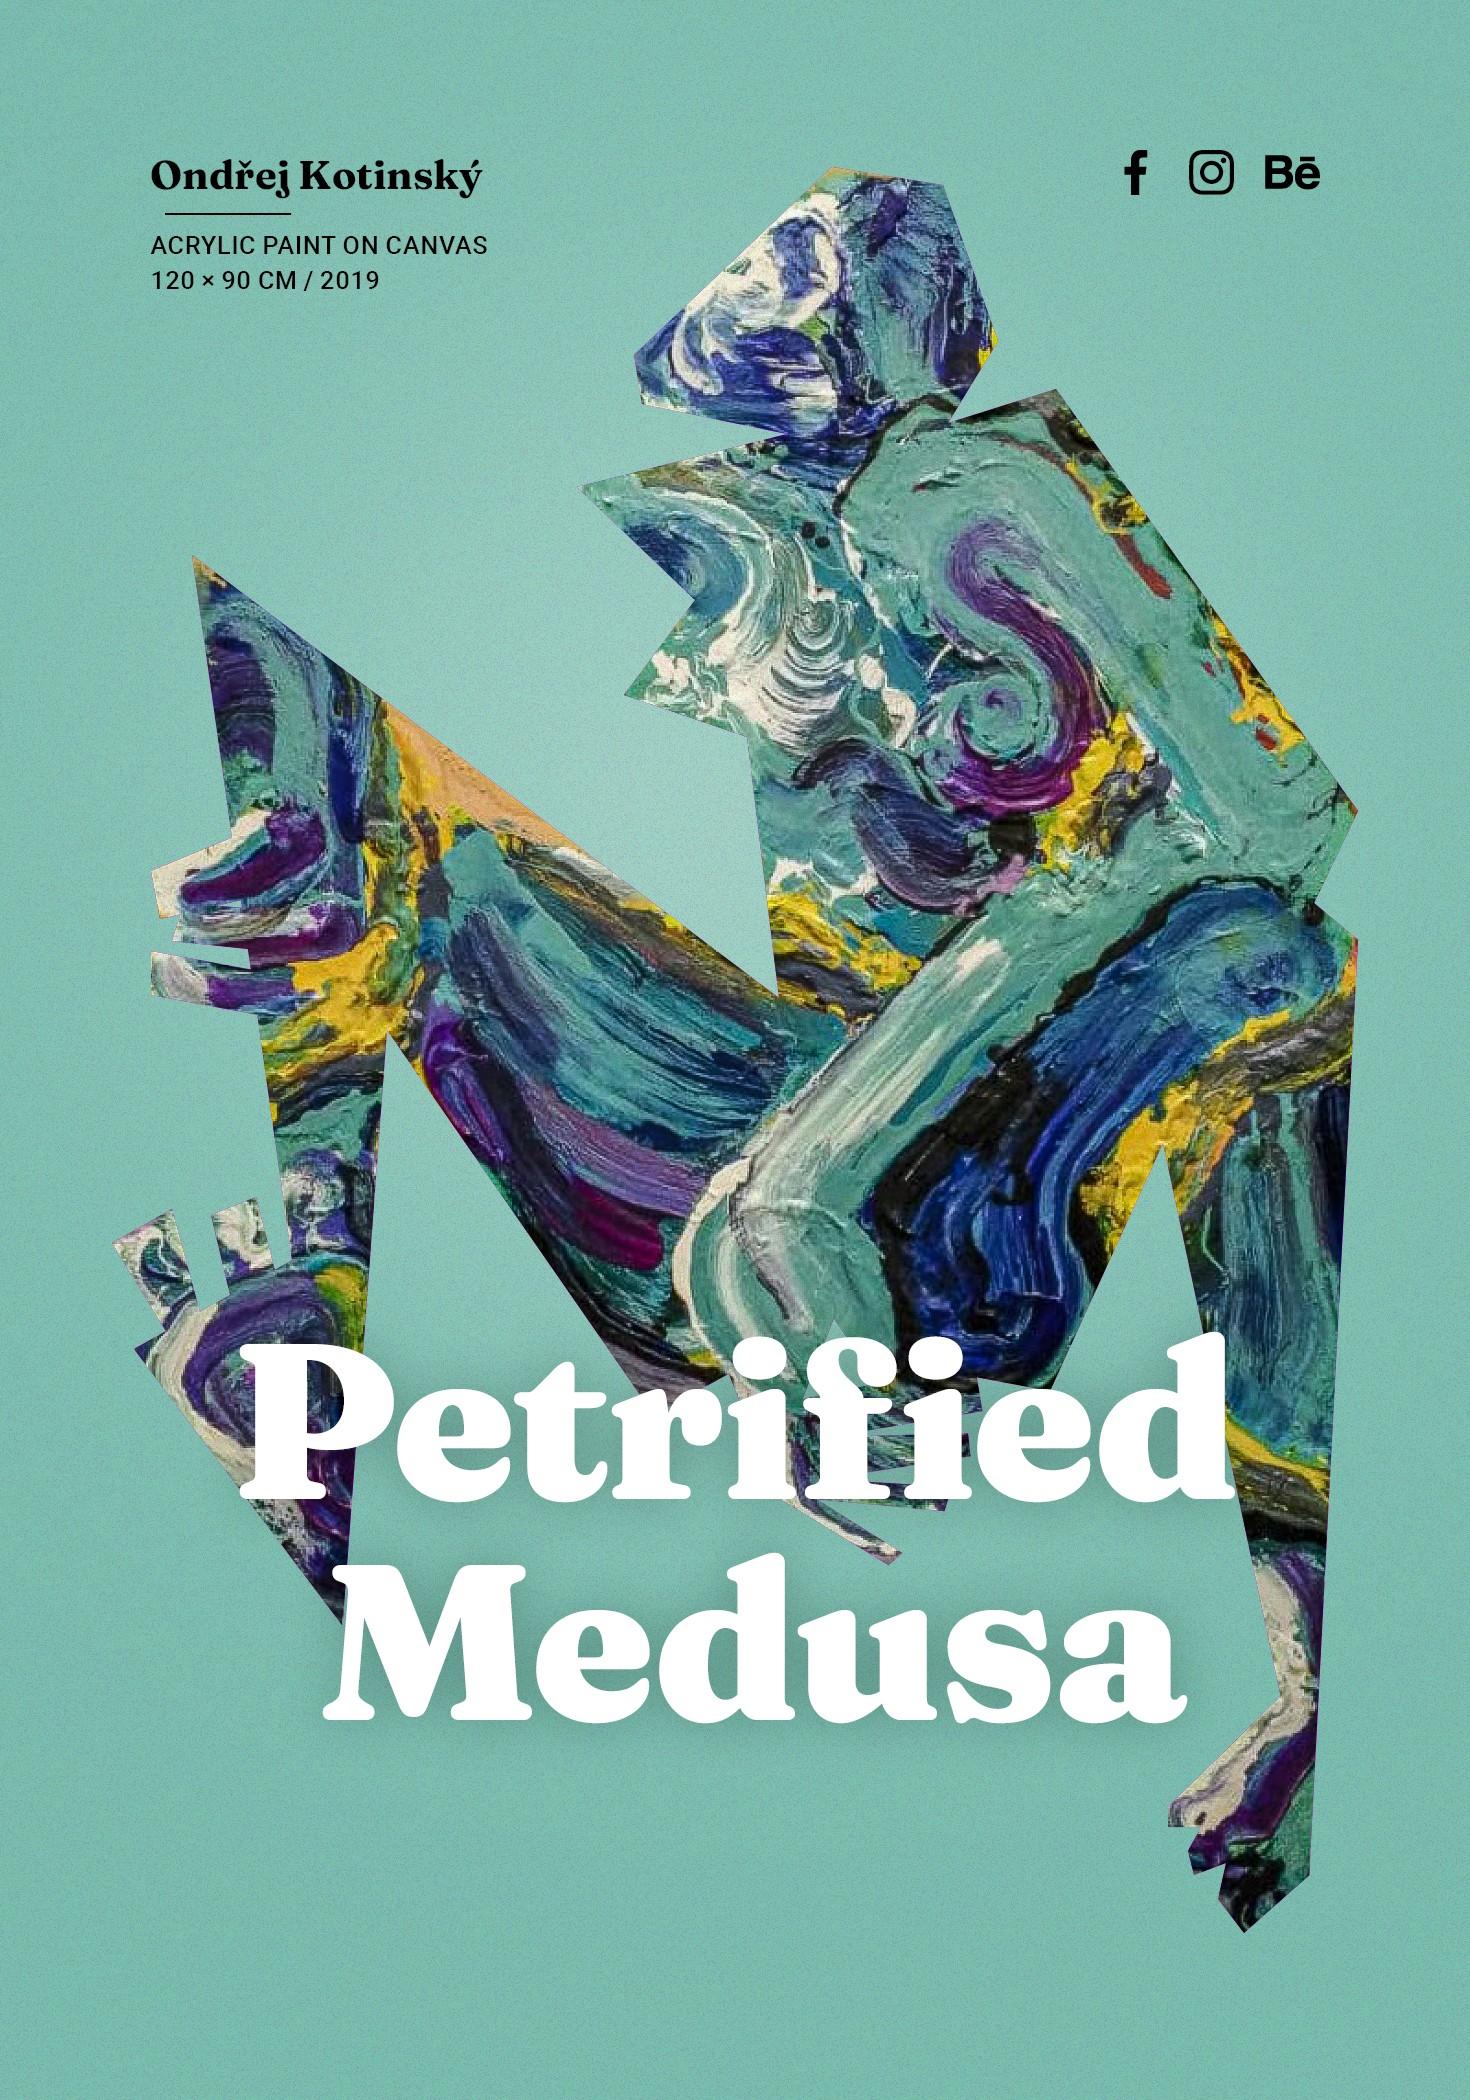 Petrified Medusa